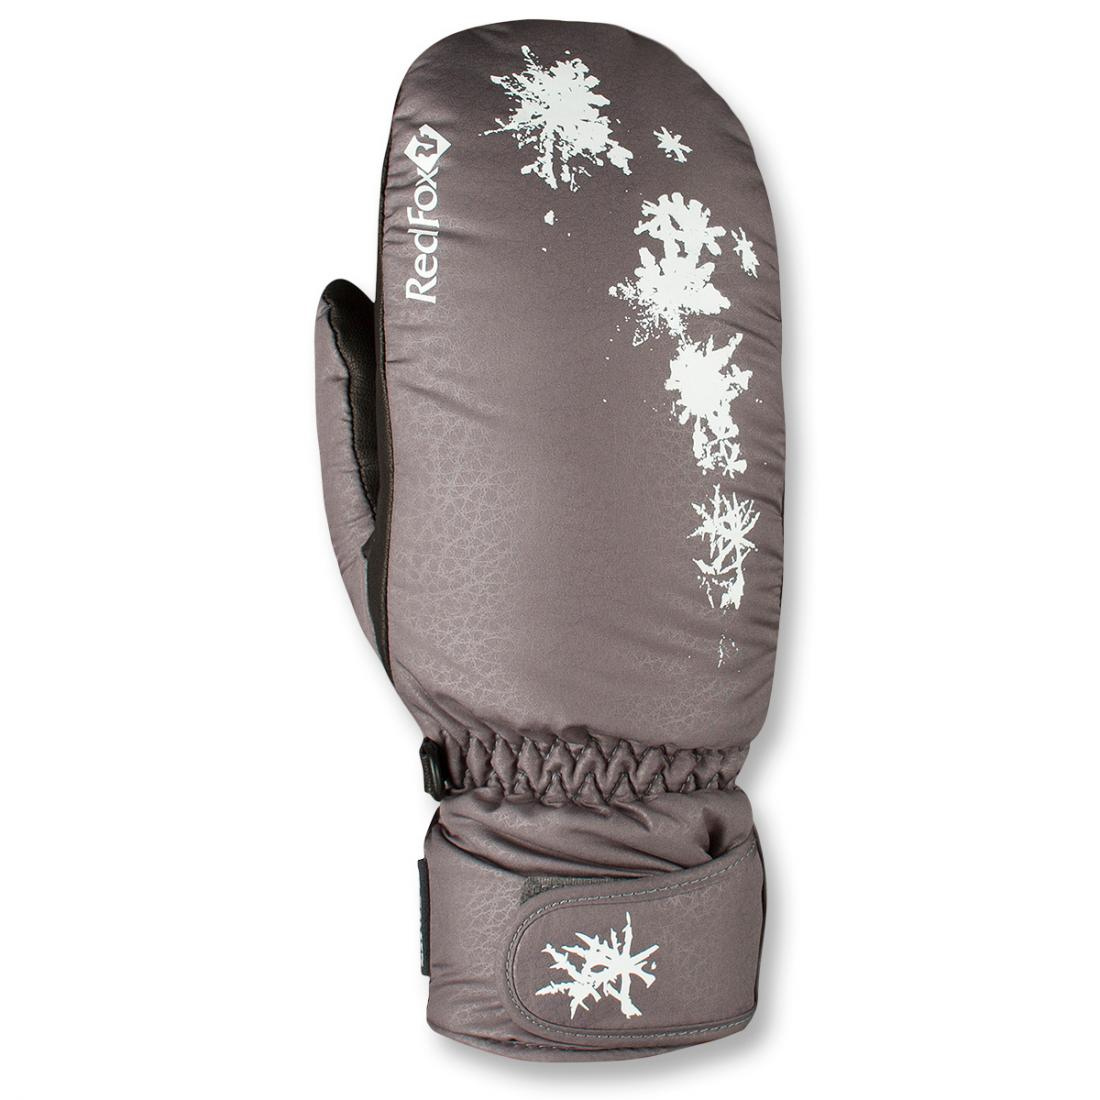 Рукавицы утепленные Paradise II ЖенскиеВарежки<br><br> Прогулочные утепленные рукавицы с ярким дизайном<br><br><br> Основные характеристики<br><br><br>манжет с регулировкой объема на липучке<br>усиления в области ладони<br>карабин для крепления рукавиц к одежде или ме...<br><br>Цвет: Серый<br>Размер: L